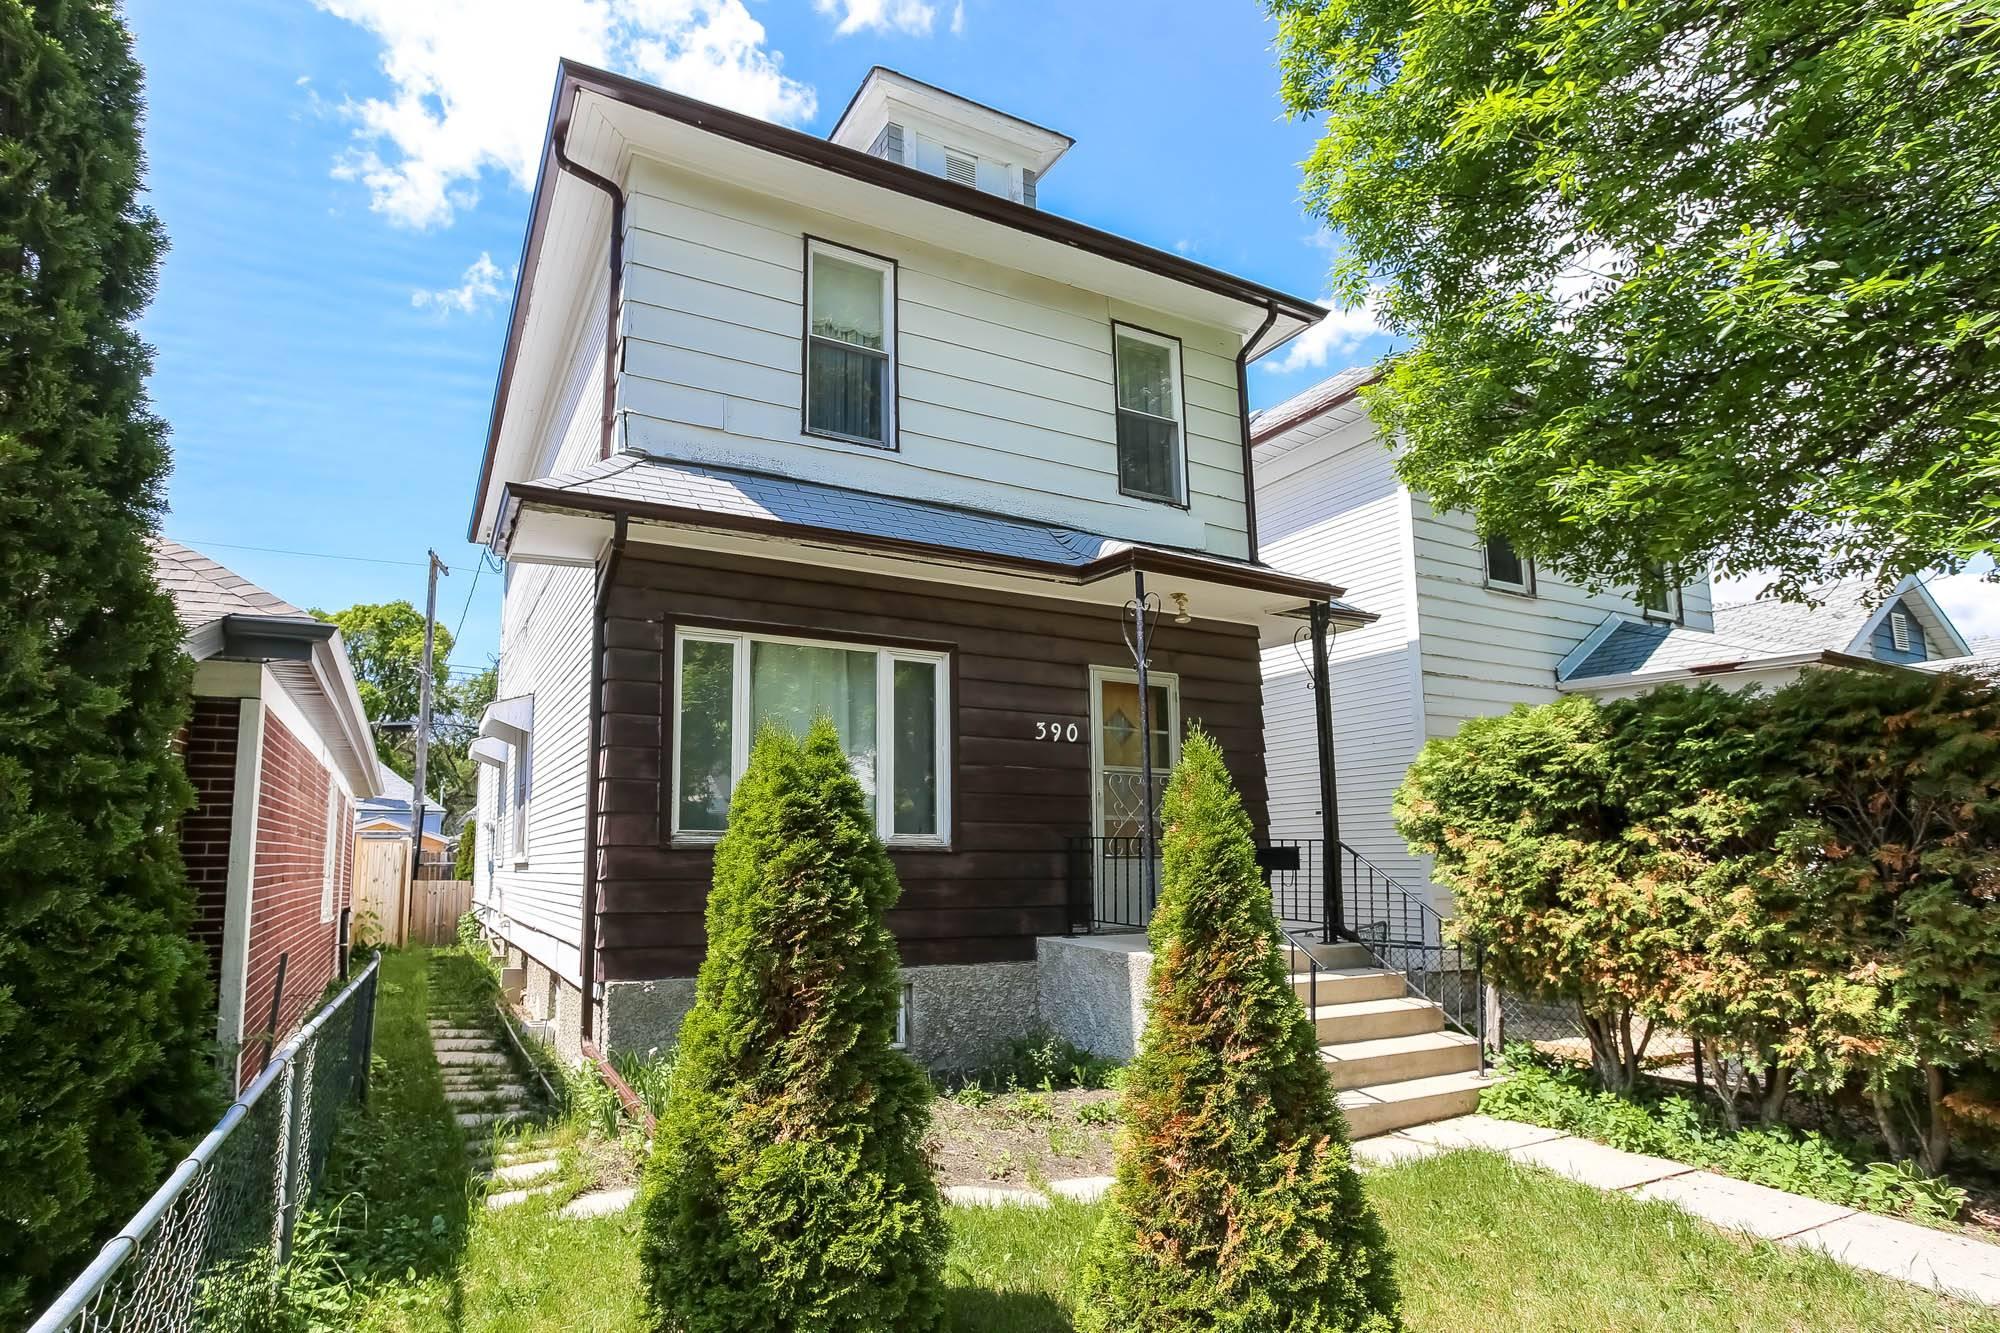 390 Banning, Winnipeg, Manitoba  R3G 2E5 - Photo 25 - 1914266